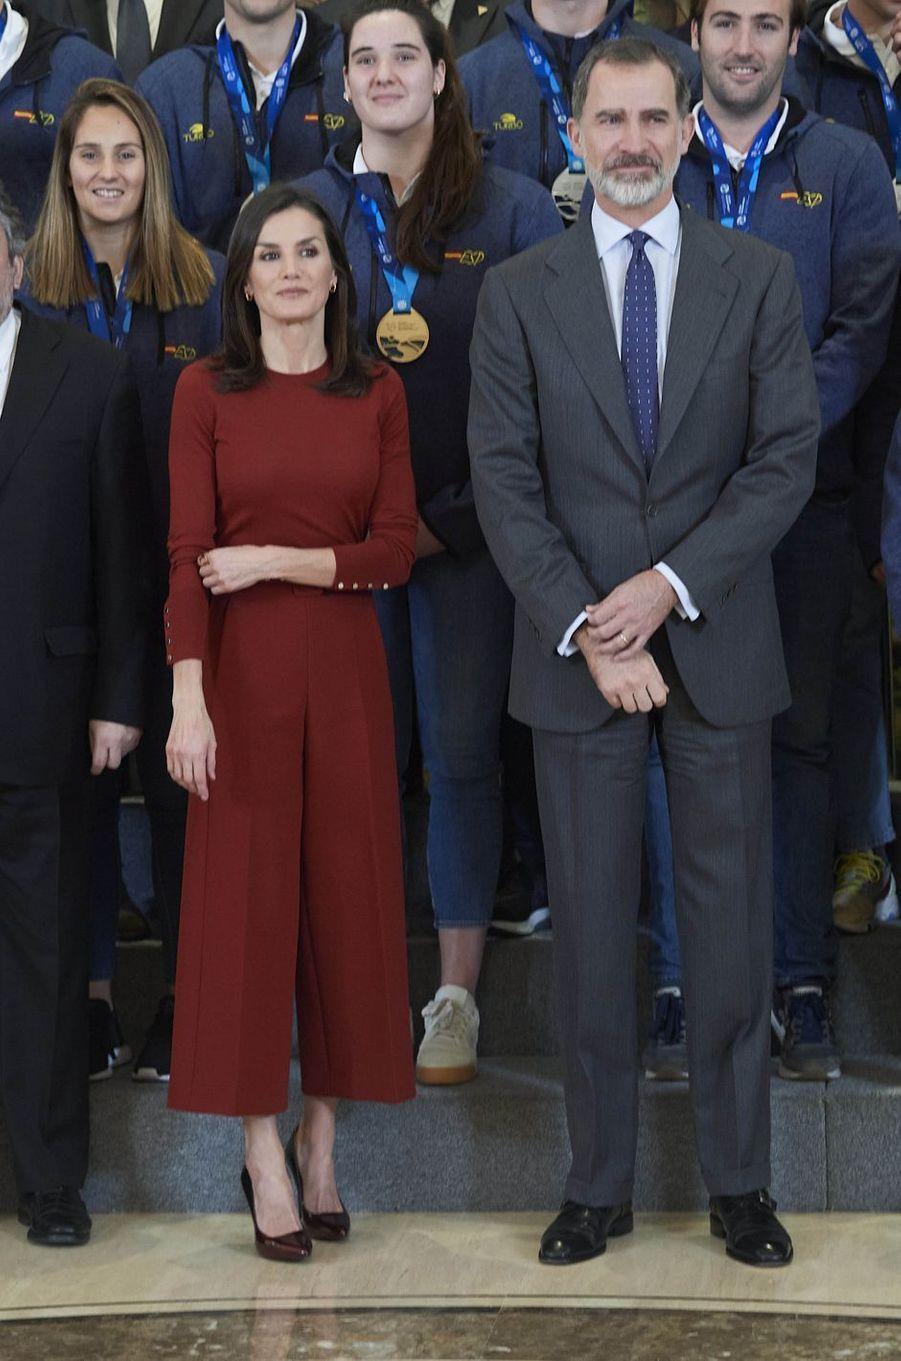 La reine Letizia et le roi Felipe VI d'Espagne à Madrid, le 31 janvier 2020